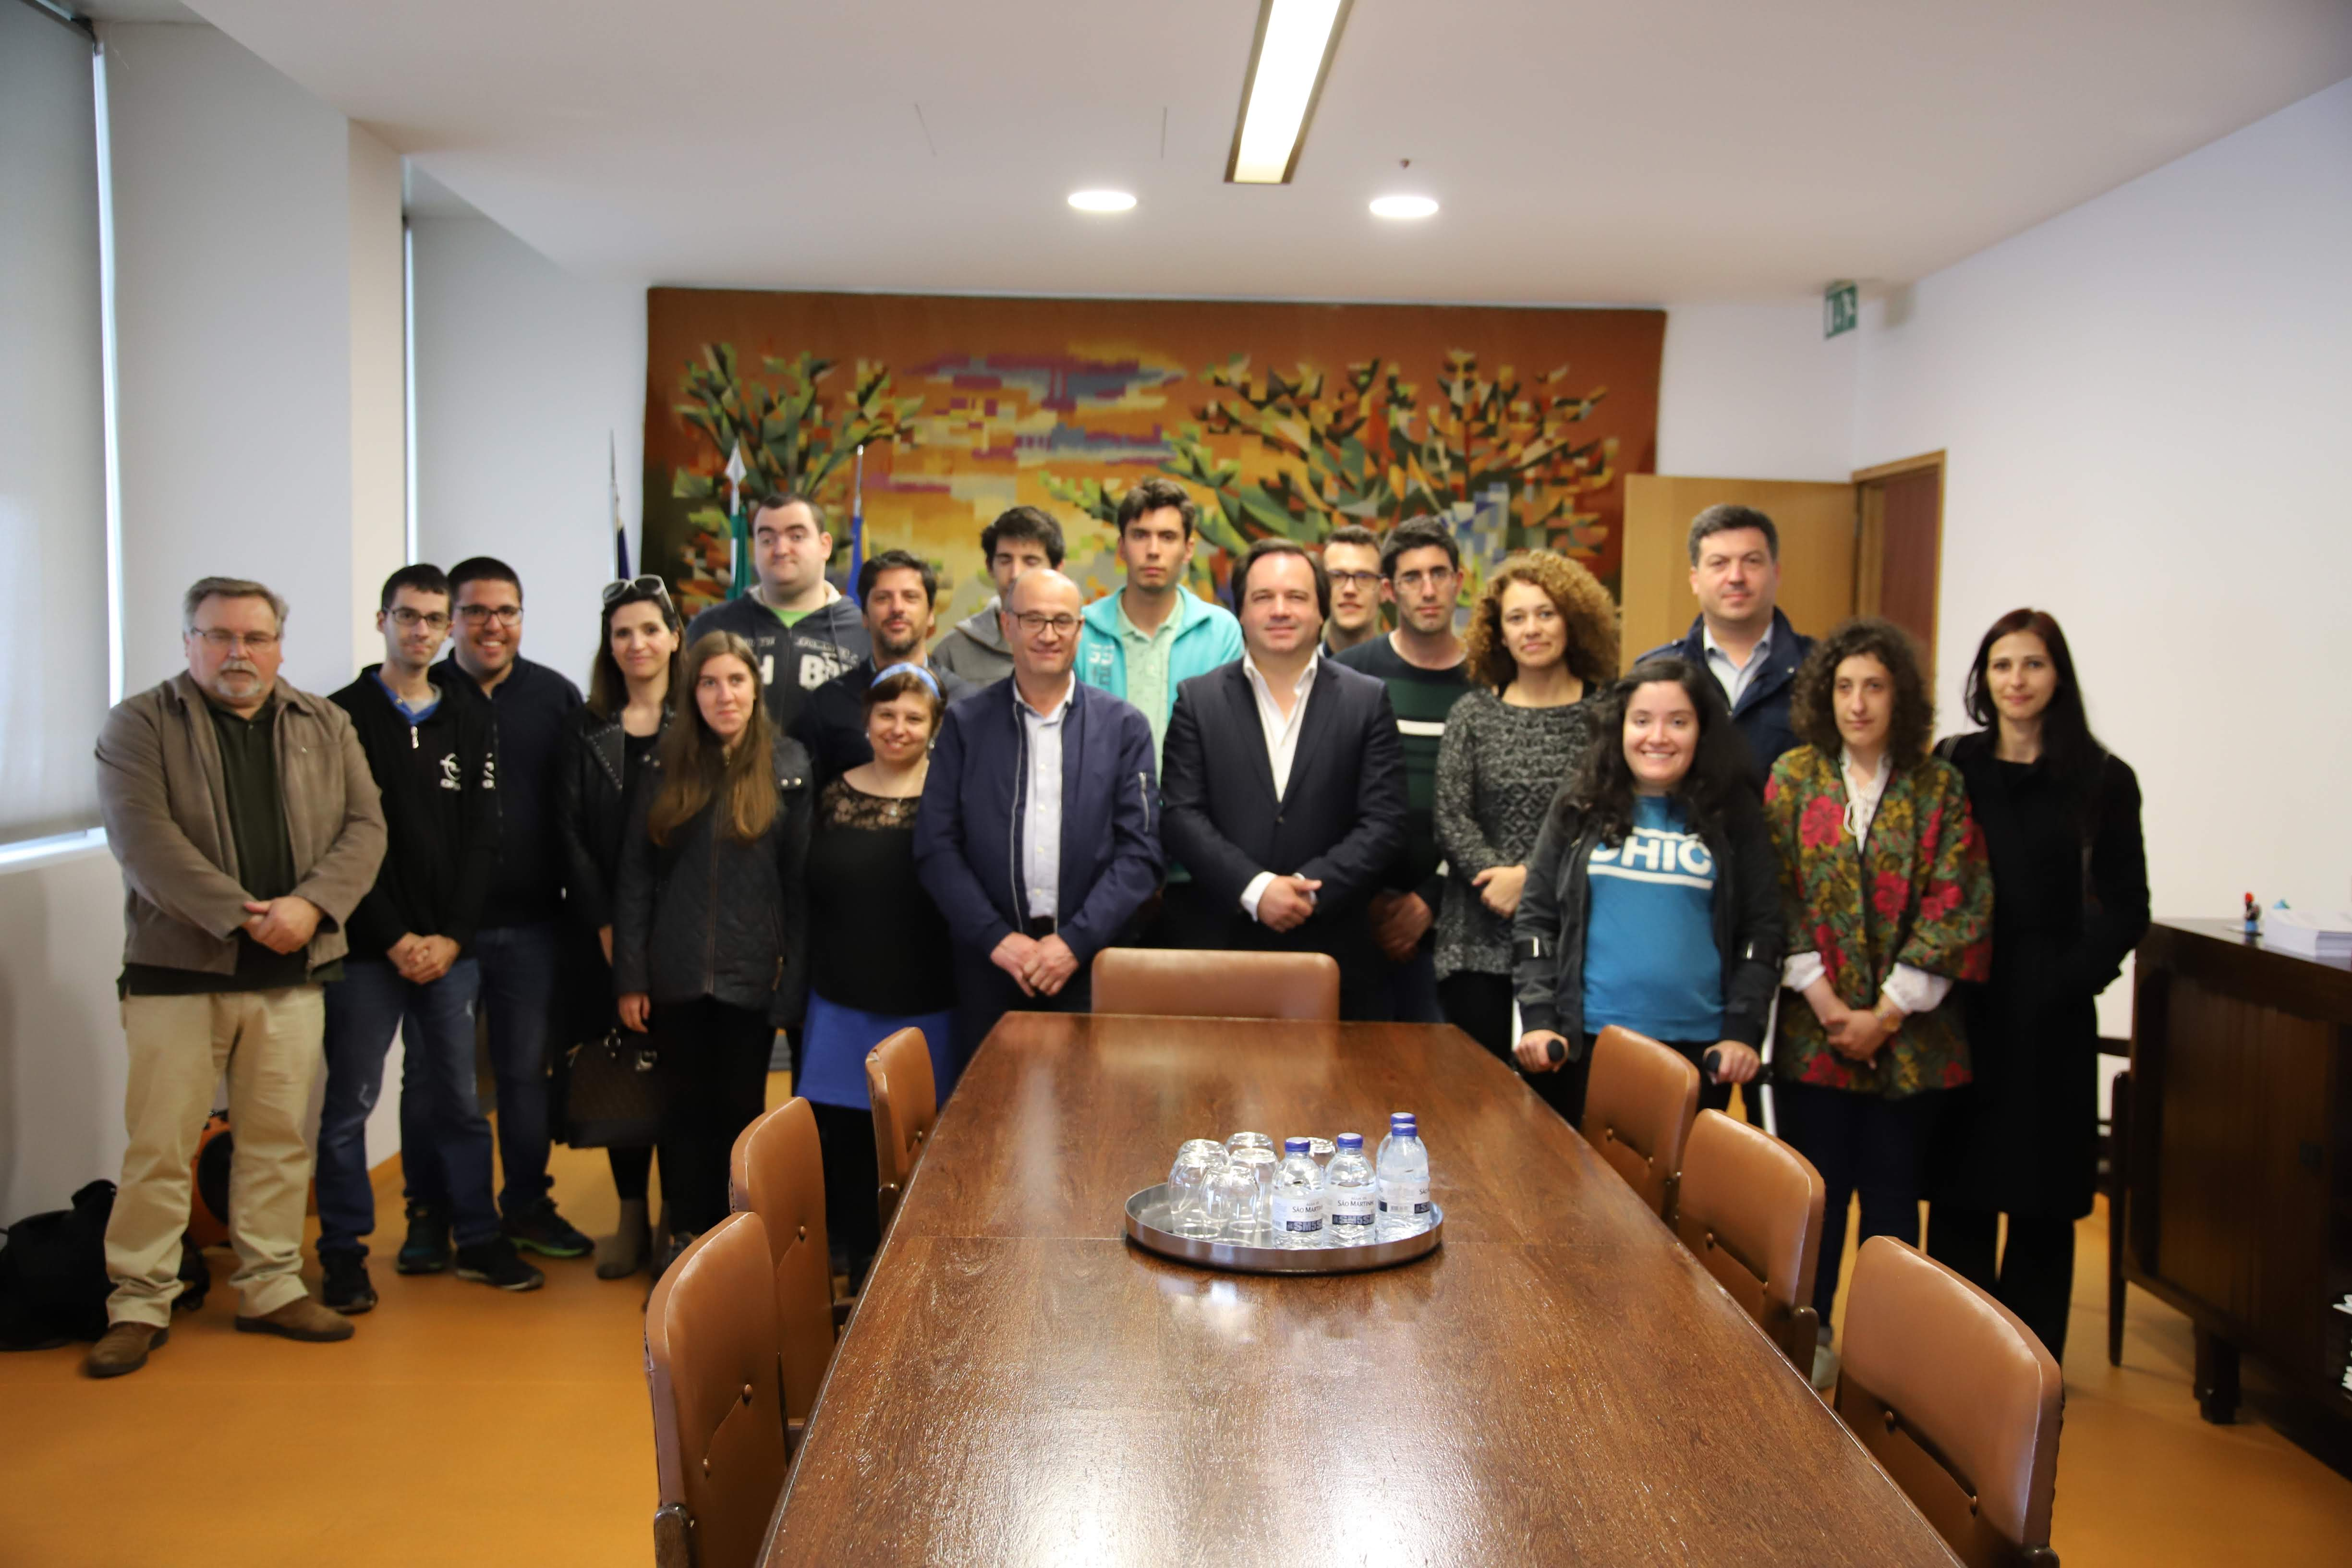 Câmara recebeu alunos do CRFP da CERCIGUI